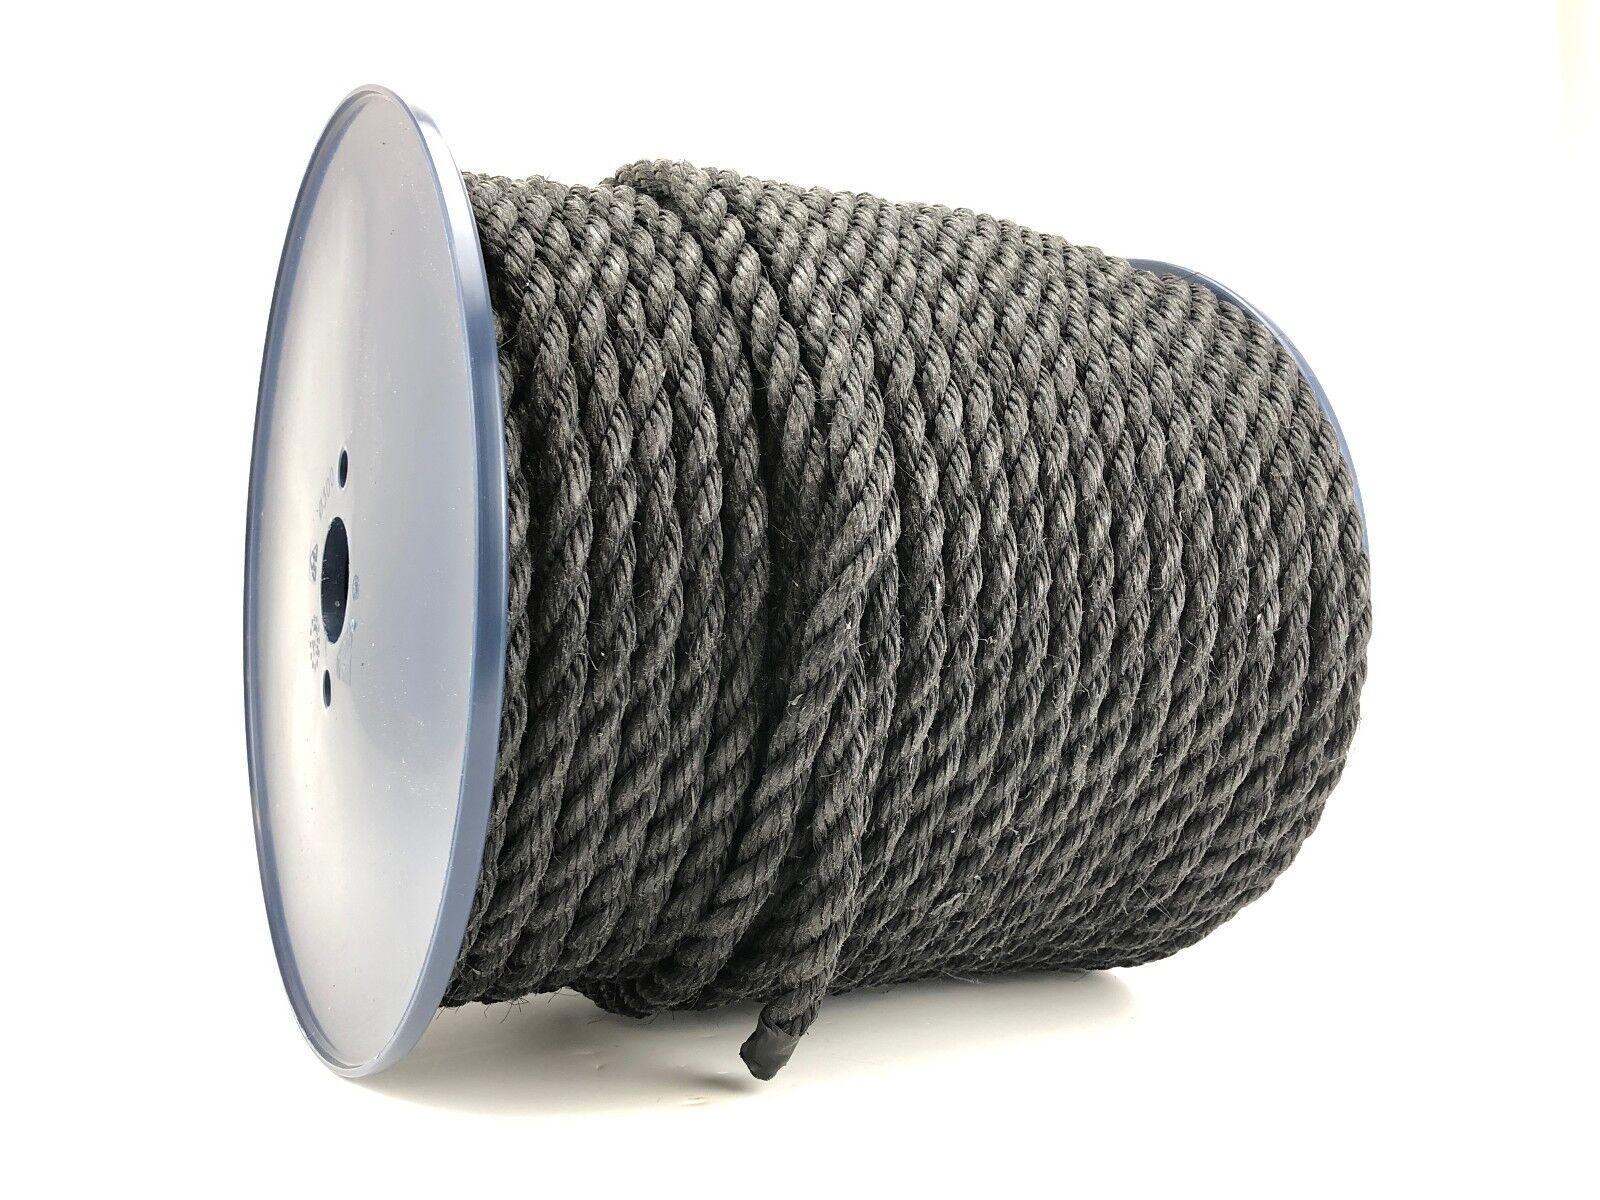 10mm schwarz Gesponnenes Seil x 220 Meter Rolle Anker Liegeplatz Baugerüst